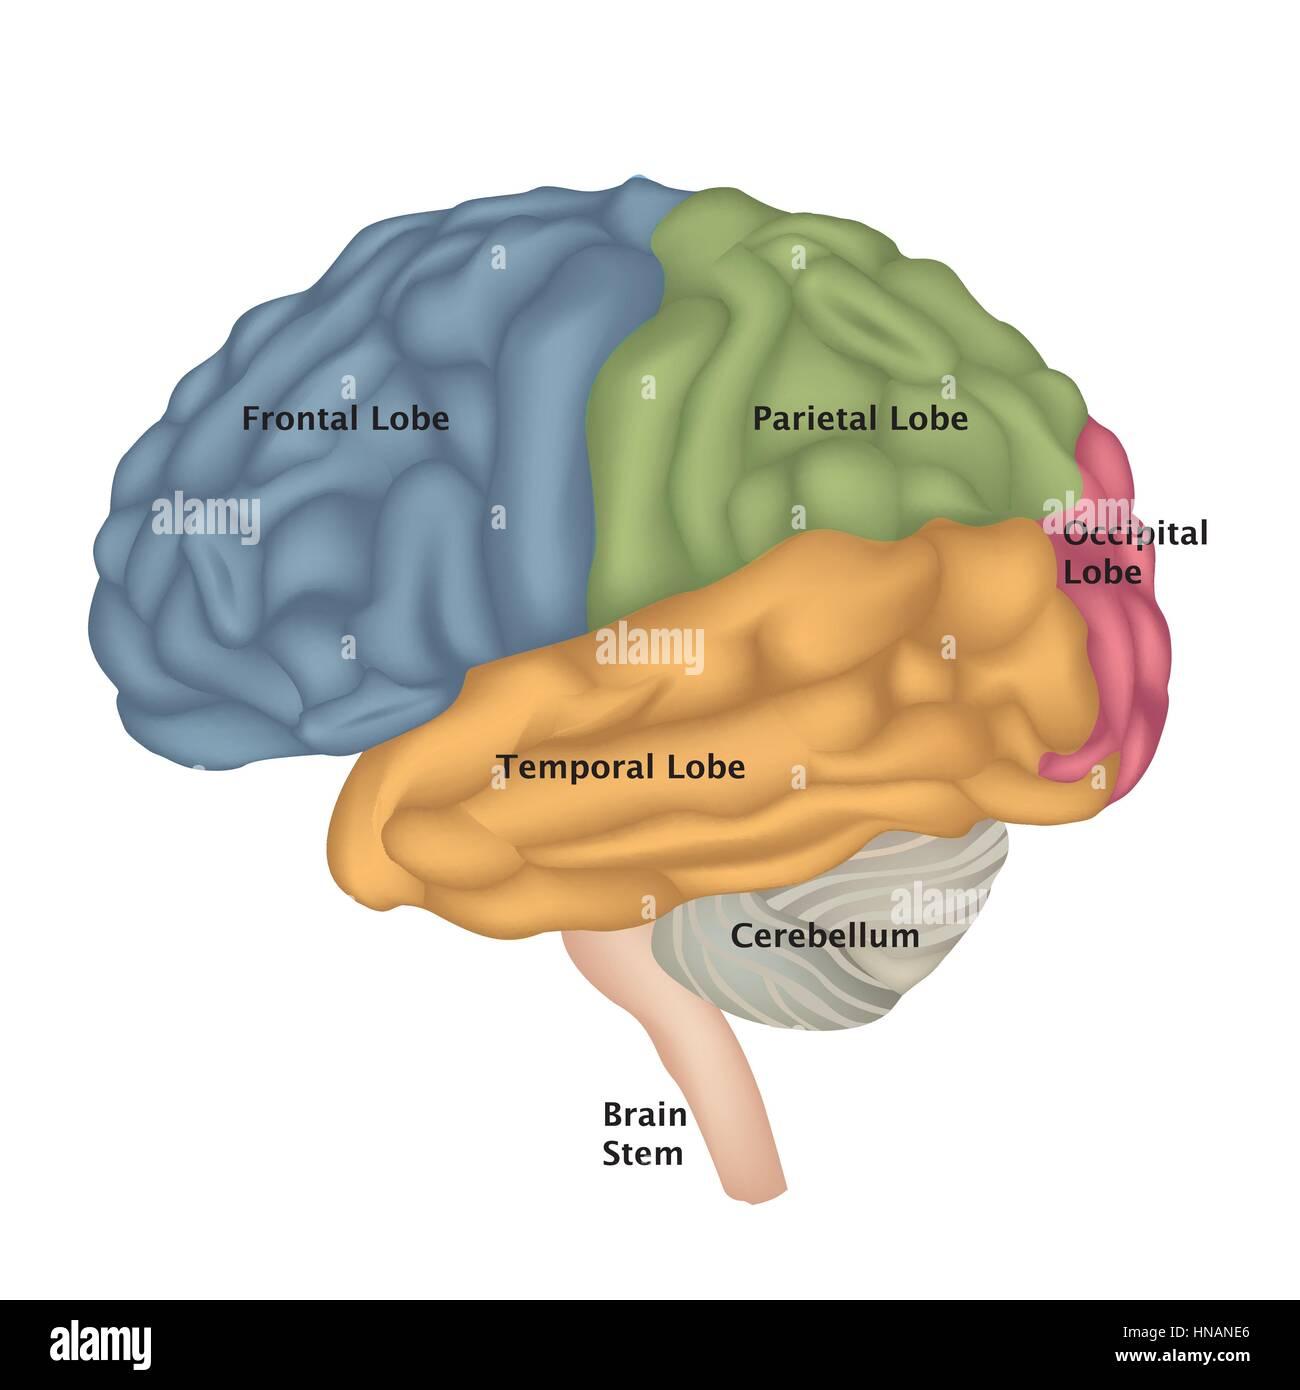 Die Anatomie des Gehirns. menschliche Gehirn laterale Ansicht ...